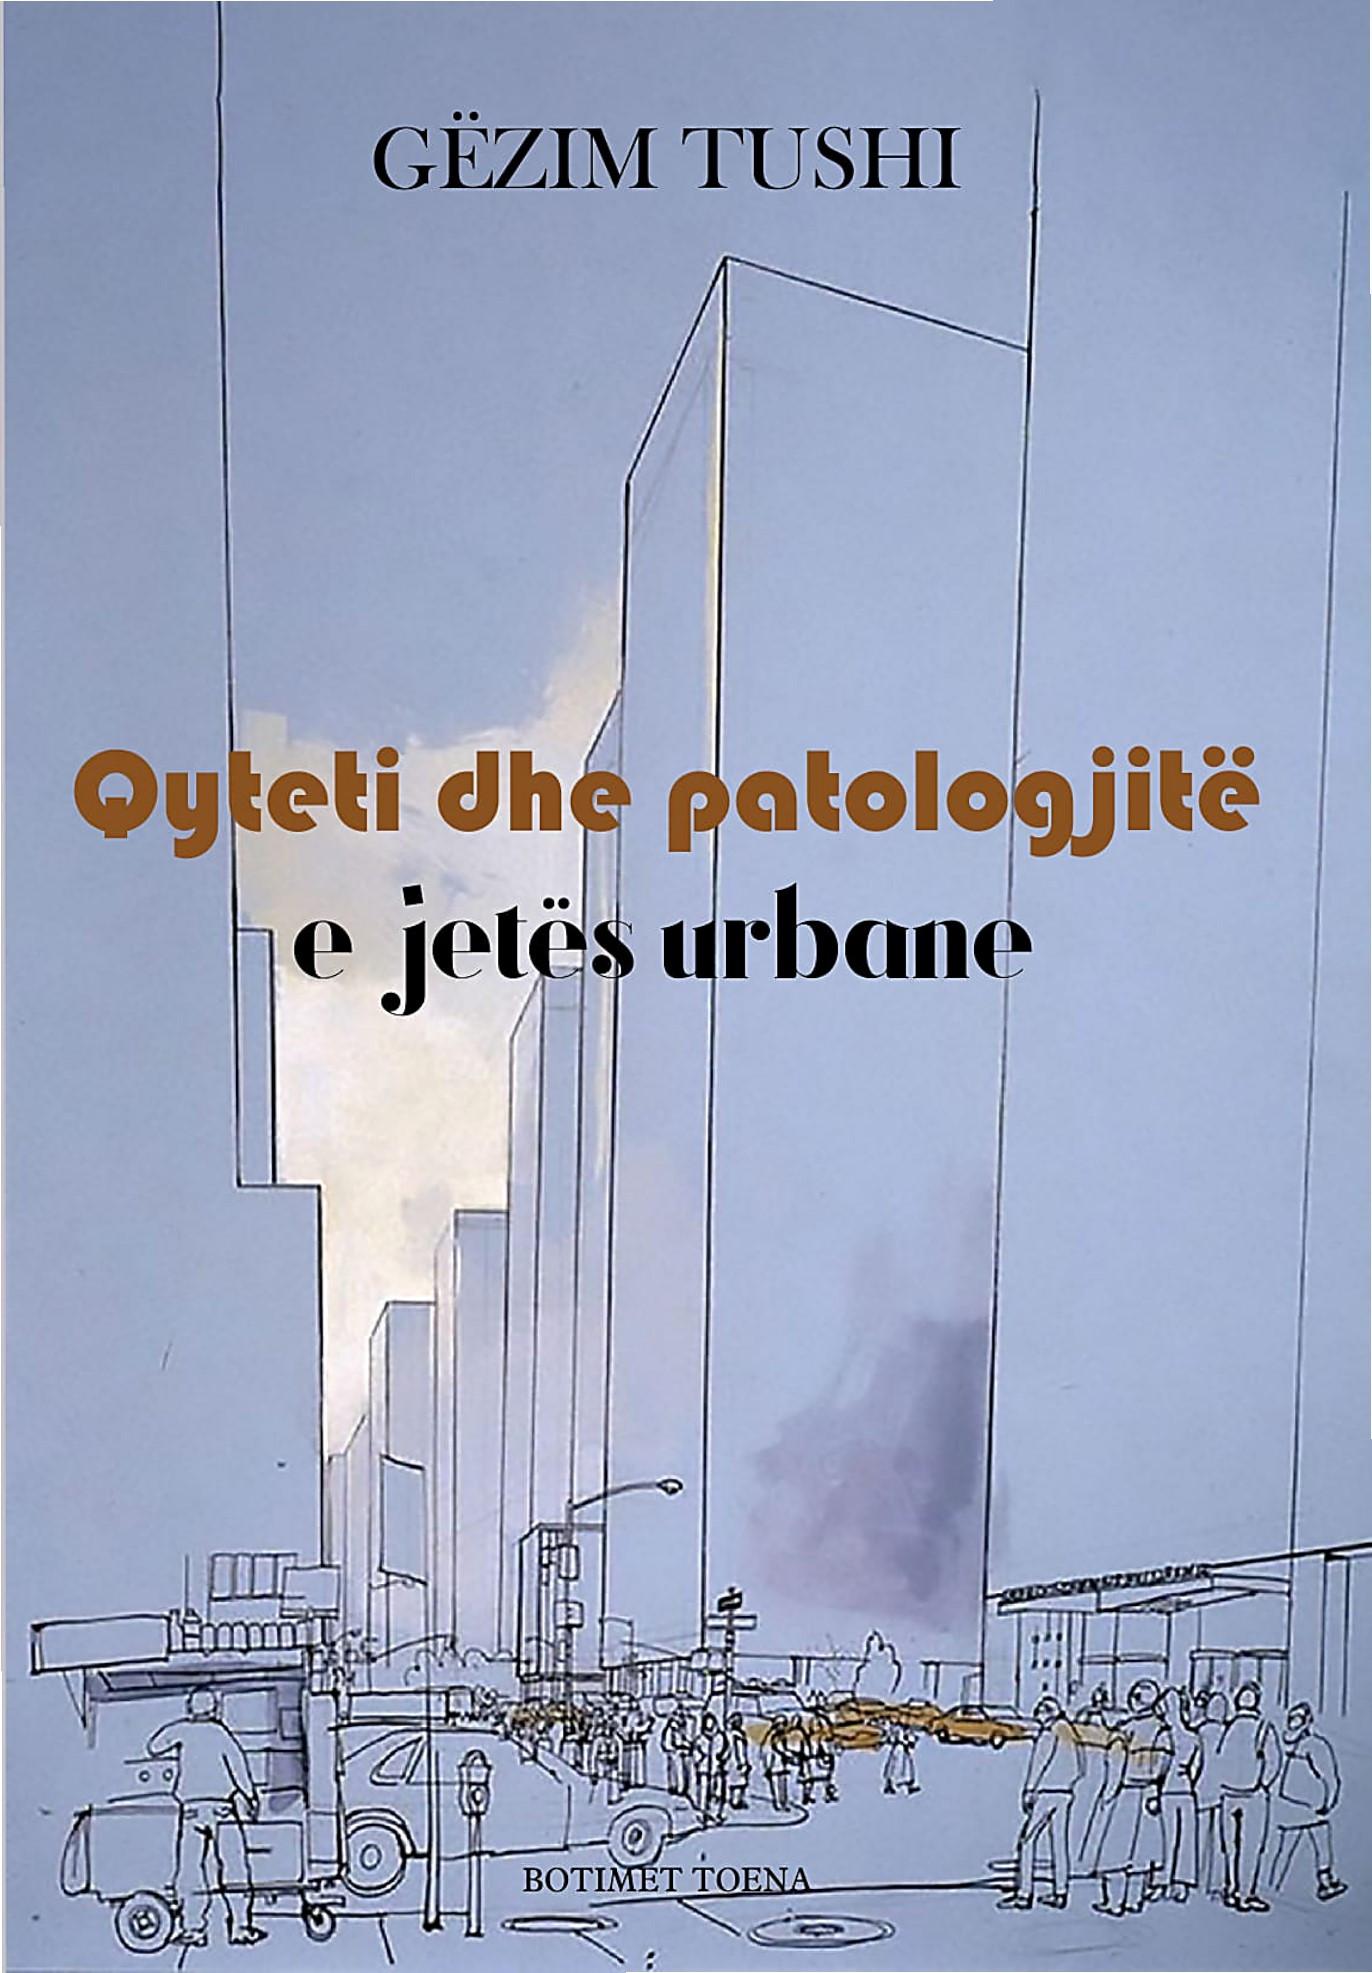 Qyteti dhe patologjite e jetes urbane